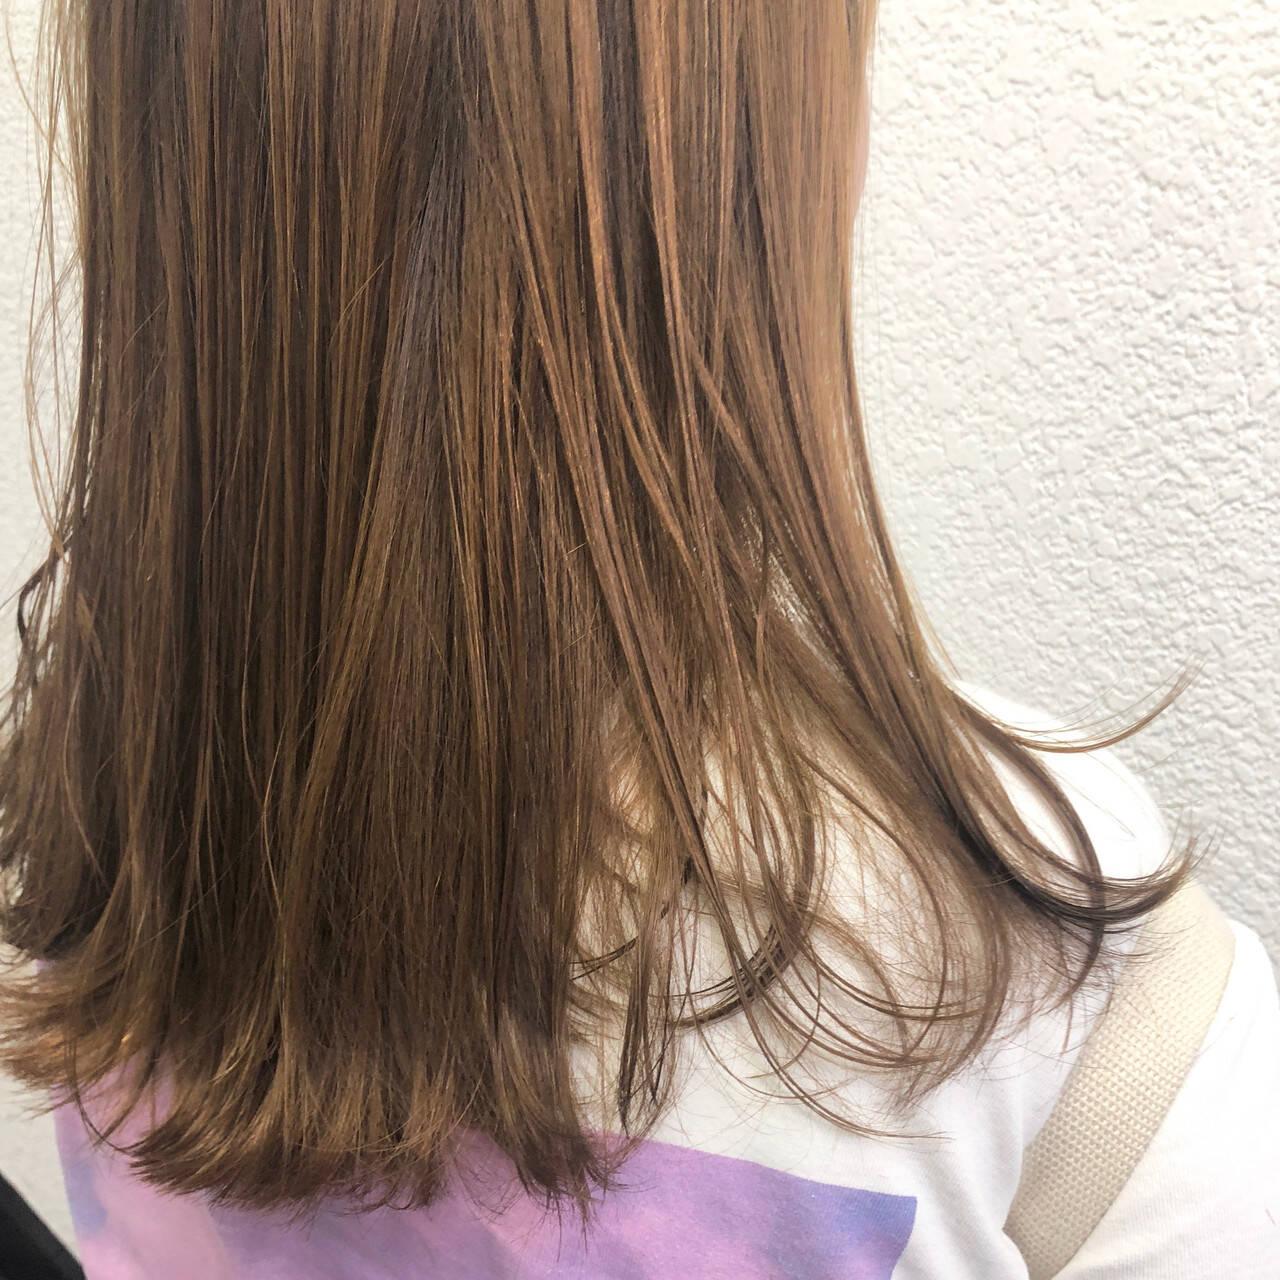 オレンジベージュ オレンジカラー ショートヘア アプリコットオレンジヘアスタイルや髪型の写真・画像